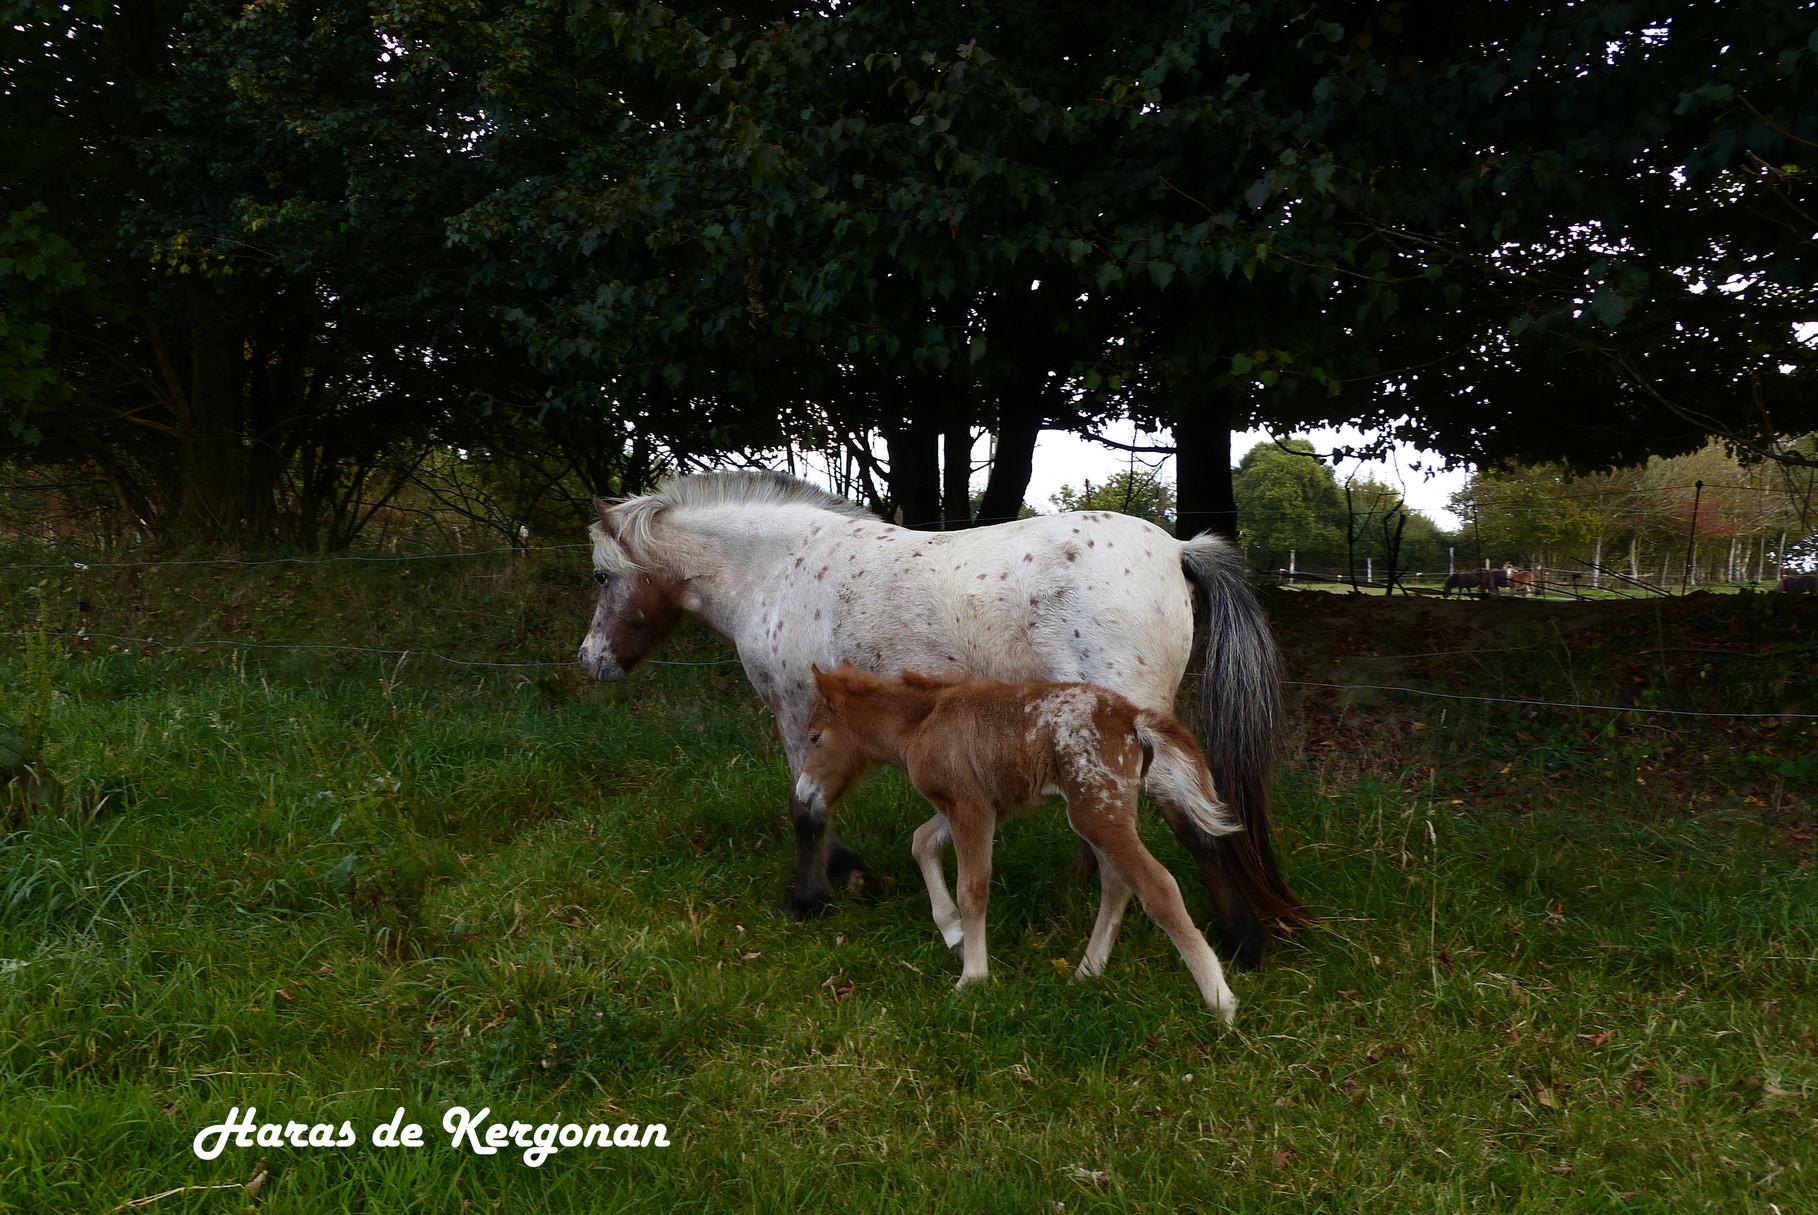 30/09/2014 : le poulain suit bien sa maman au pas après 21 heures de vie